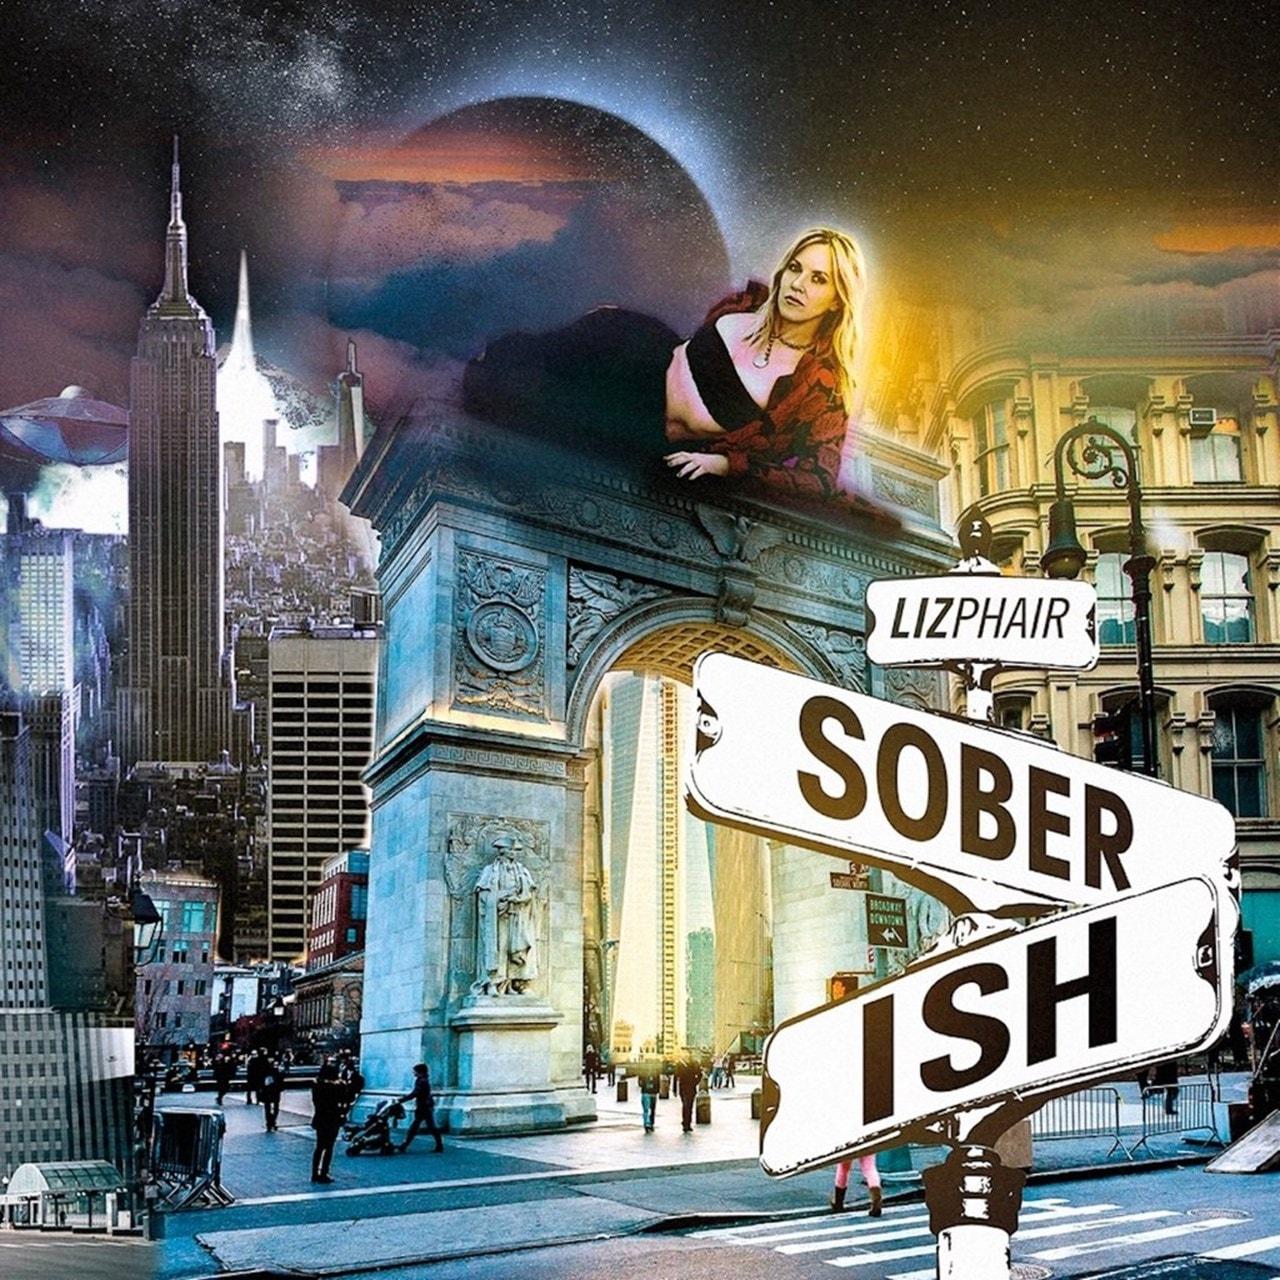 Soberish - 1